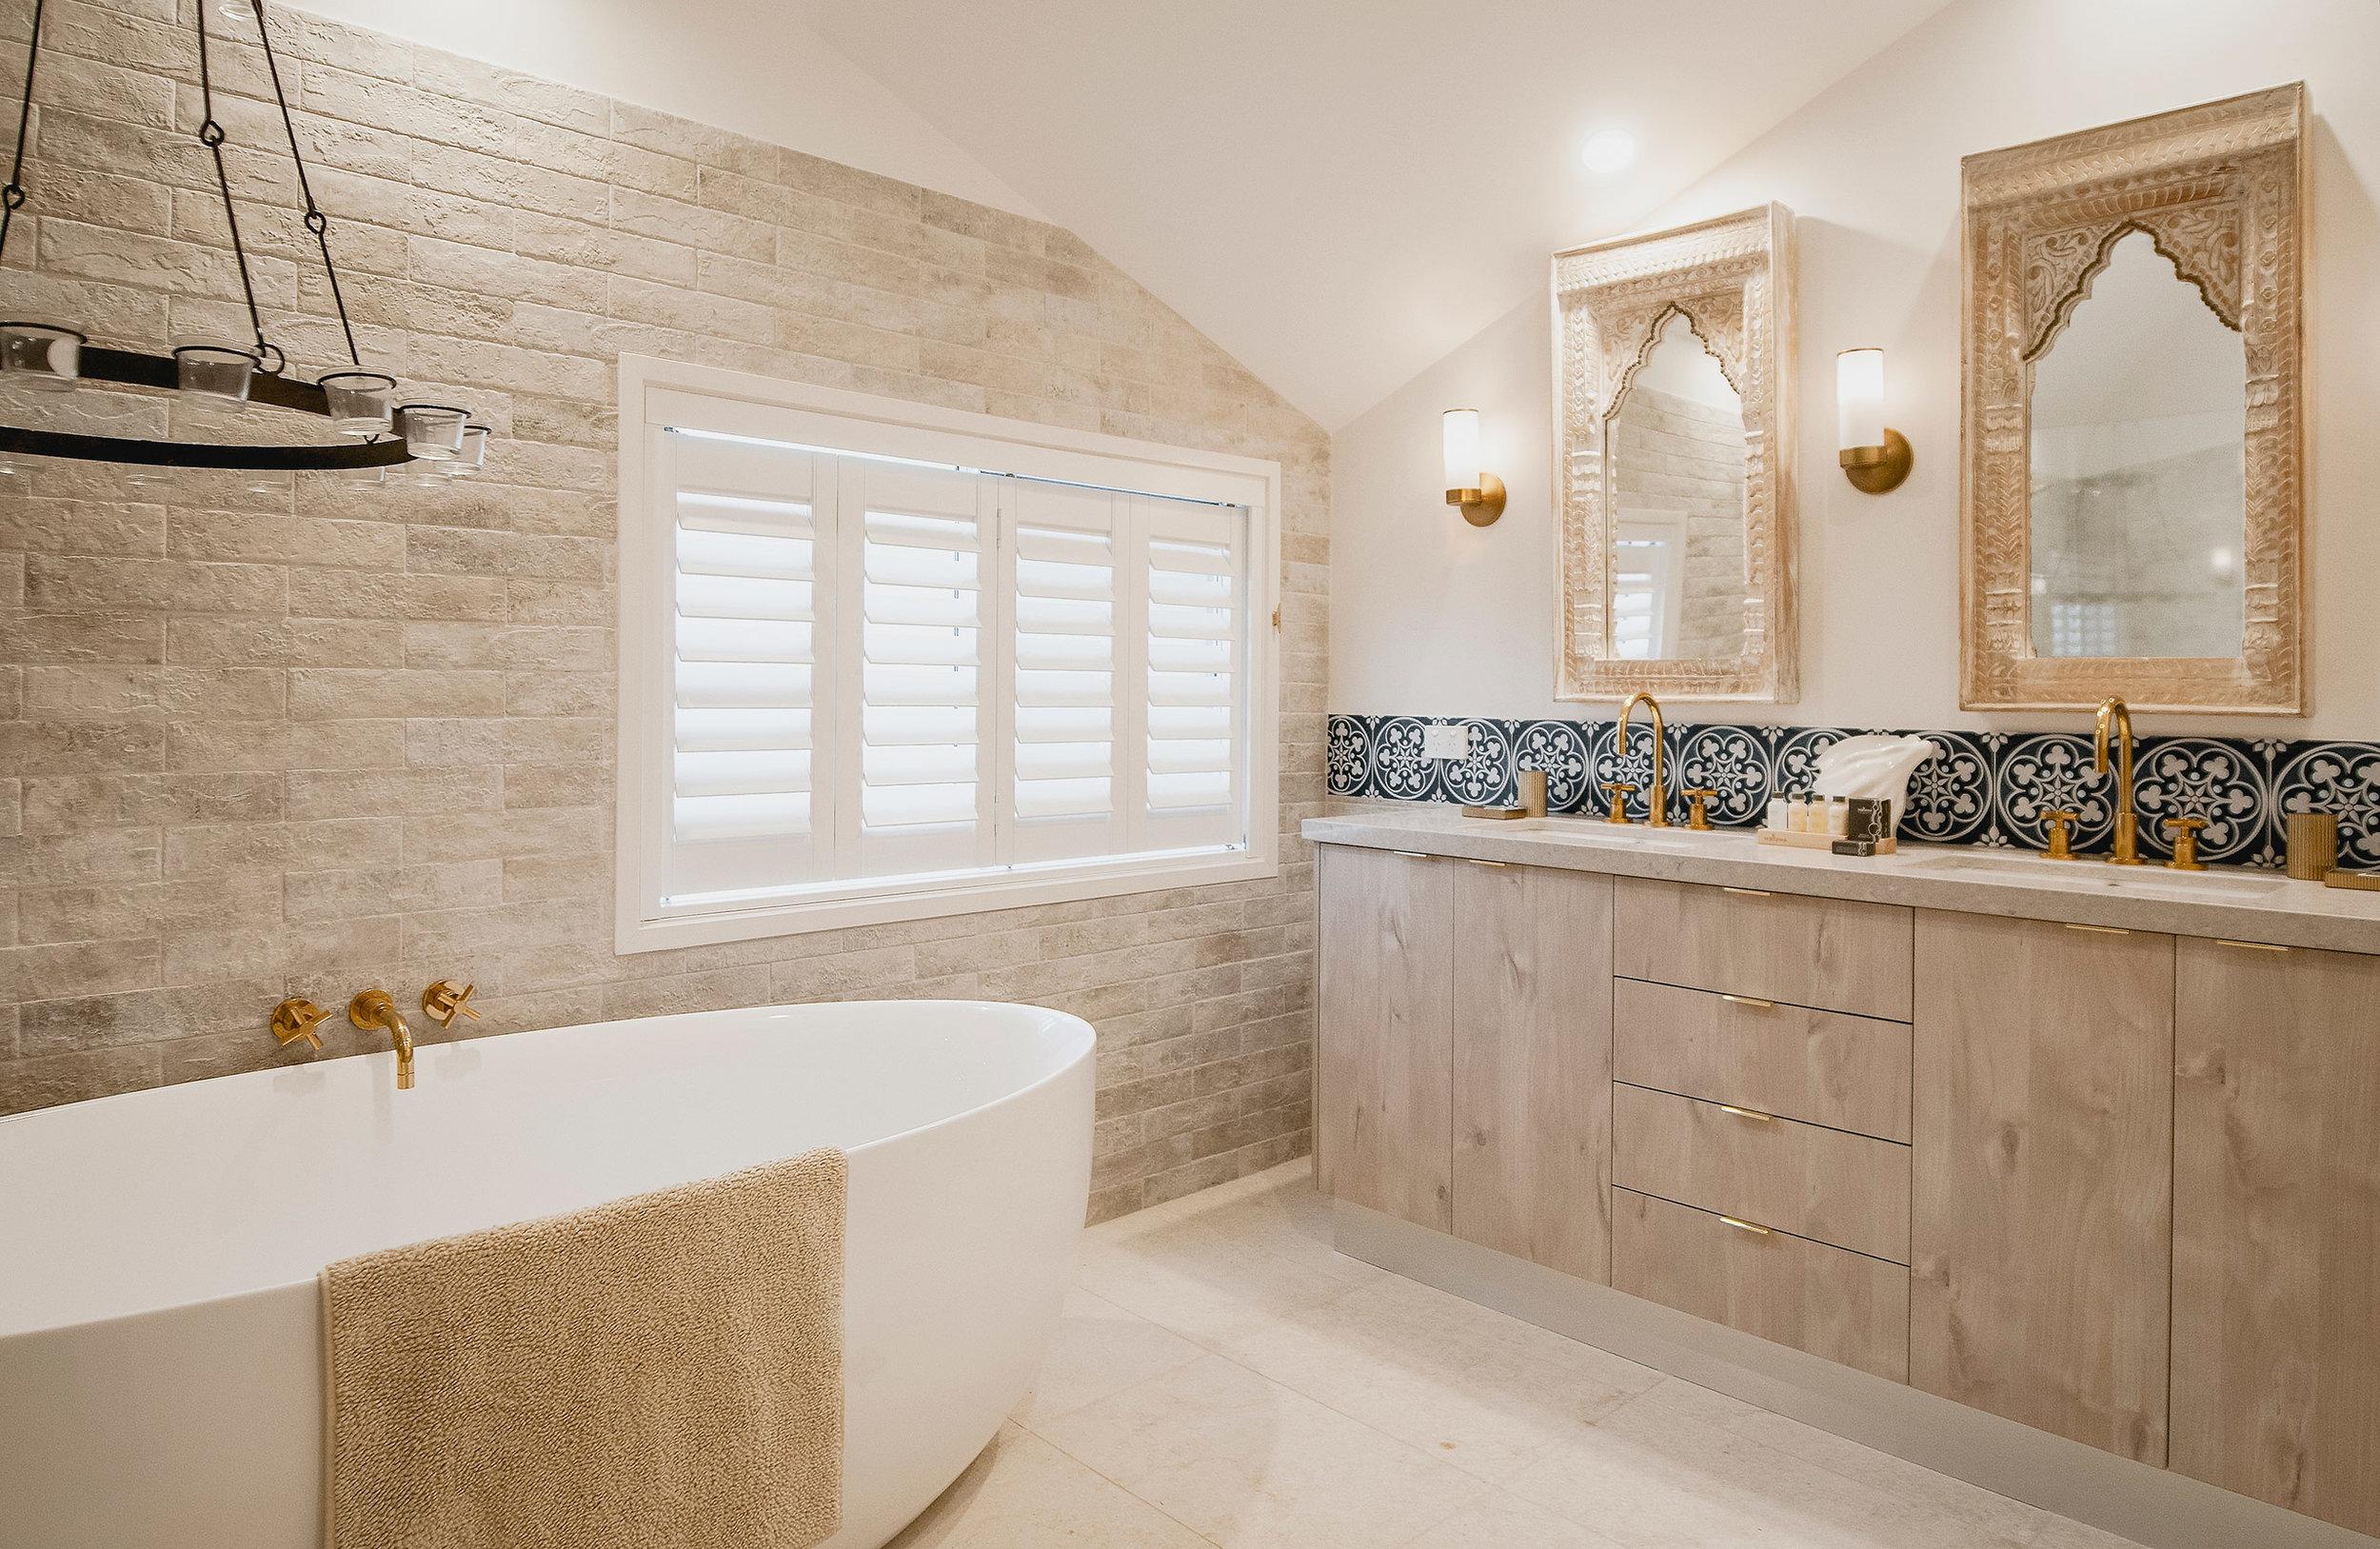 Barellen-7-Bedroom-1c-9-Master-Bathroom-2018-11-06-05.01.57.jpg